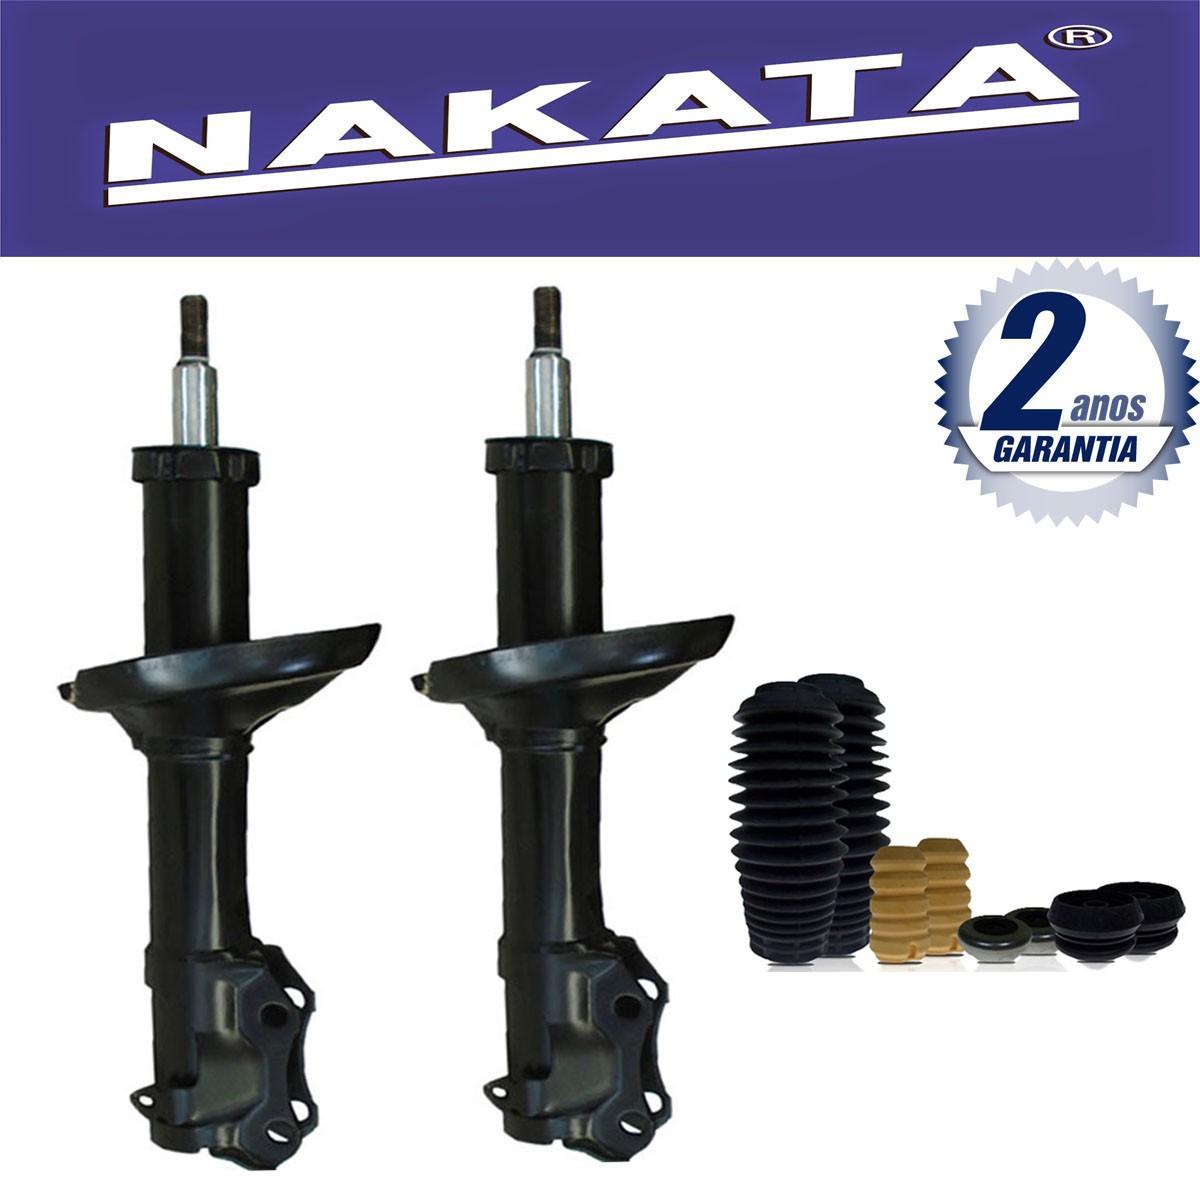 Par de Amortecedores Dianteiro Nakata Audi A3 1996 Até 2006 Golf 1998 Até 2010 Bora 2000 Até 2010 New Beetle 1998 Até 2005 + Kit da Suspensão